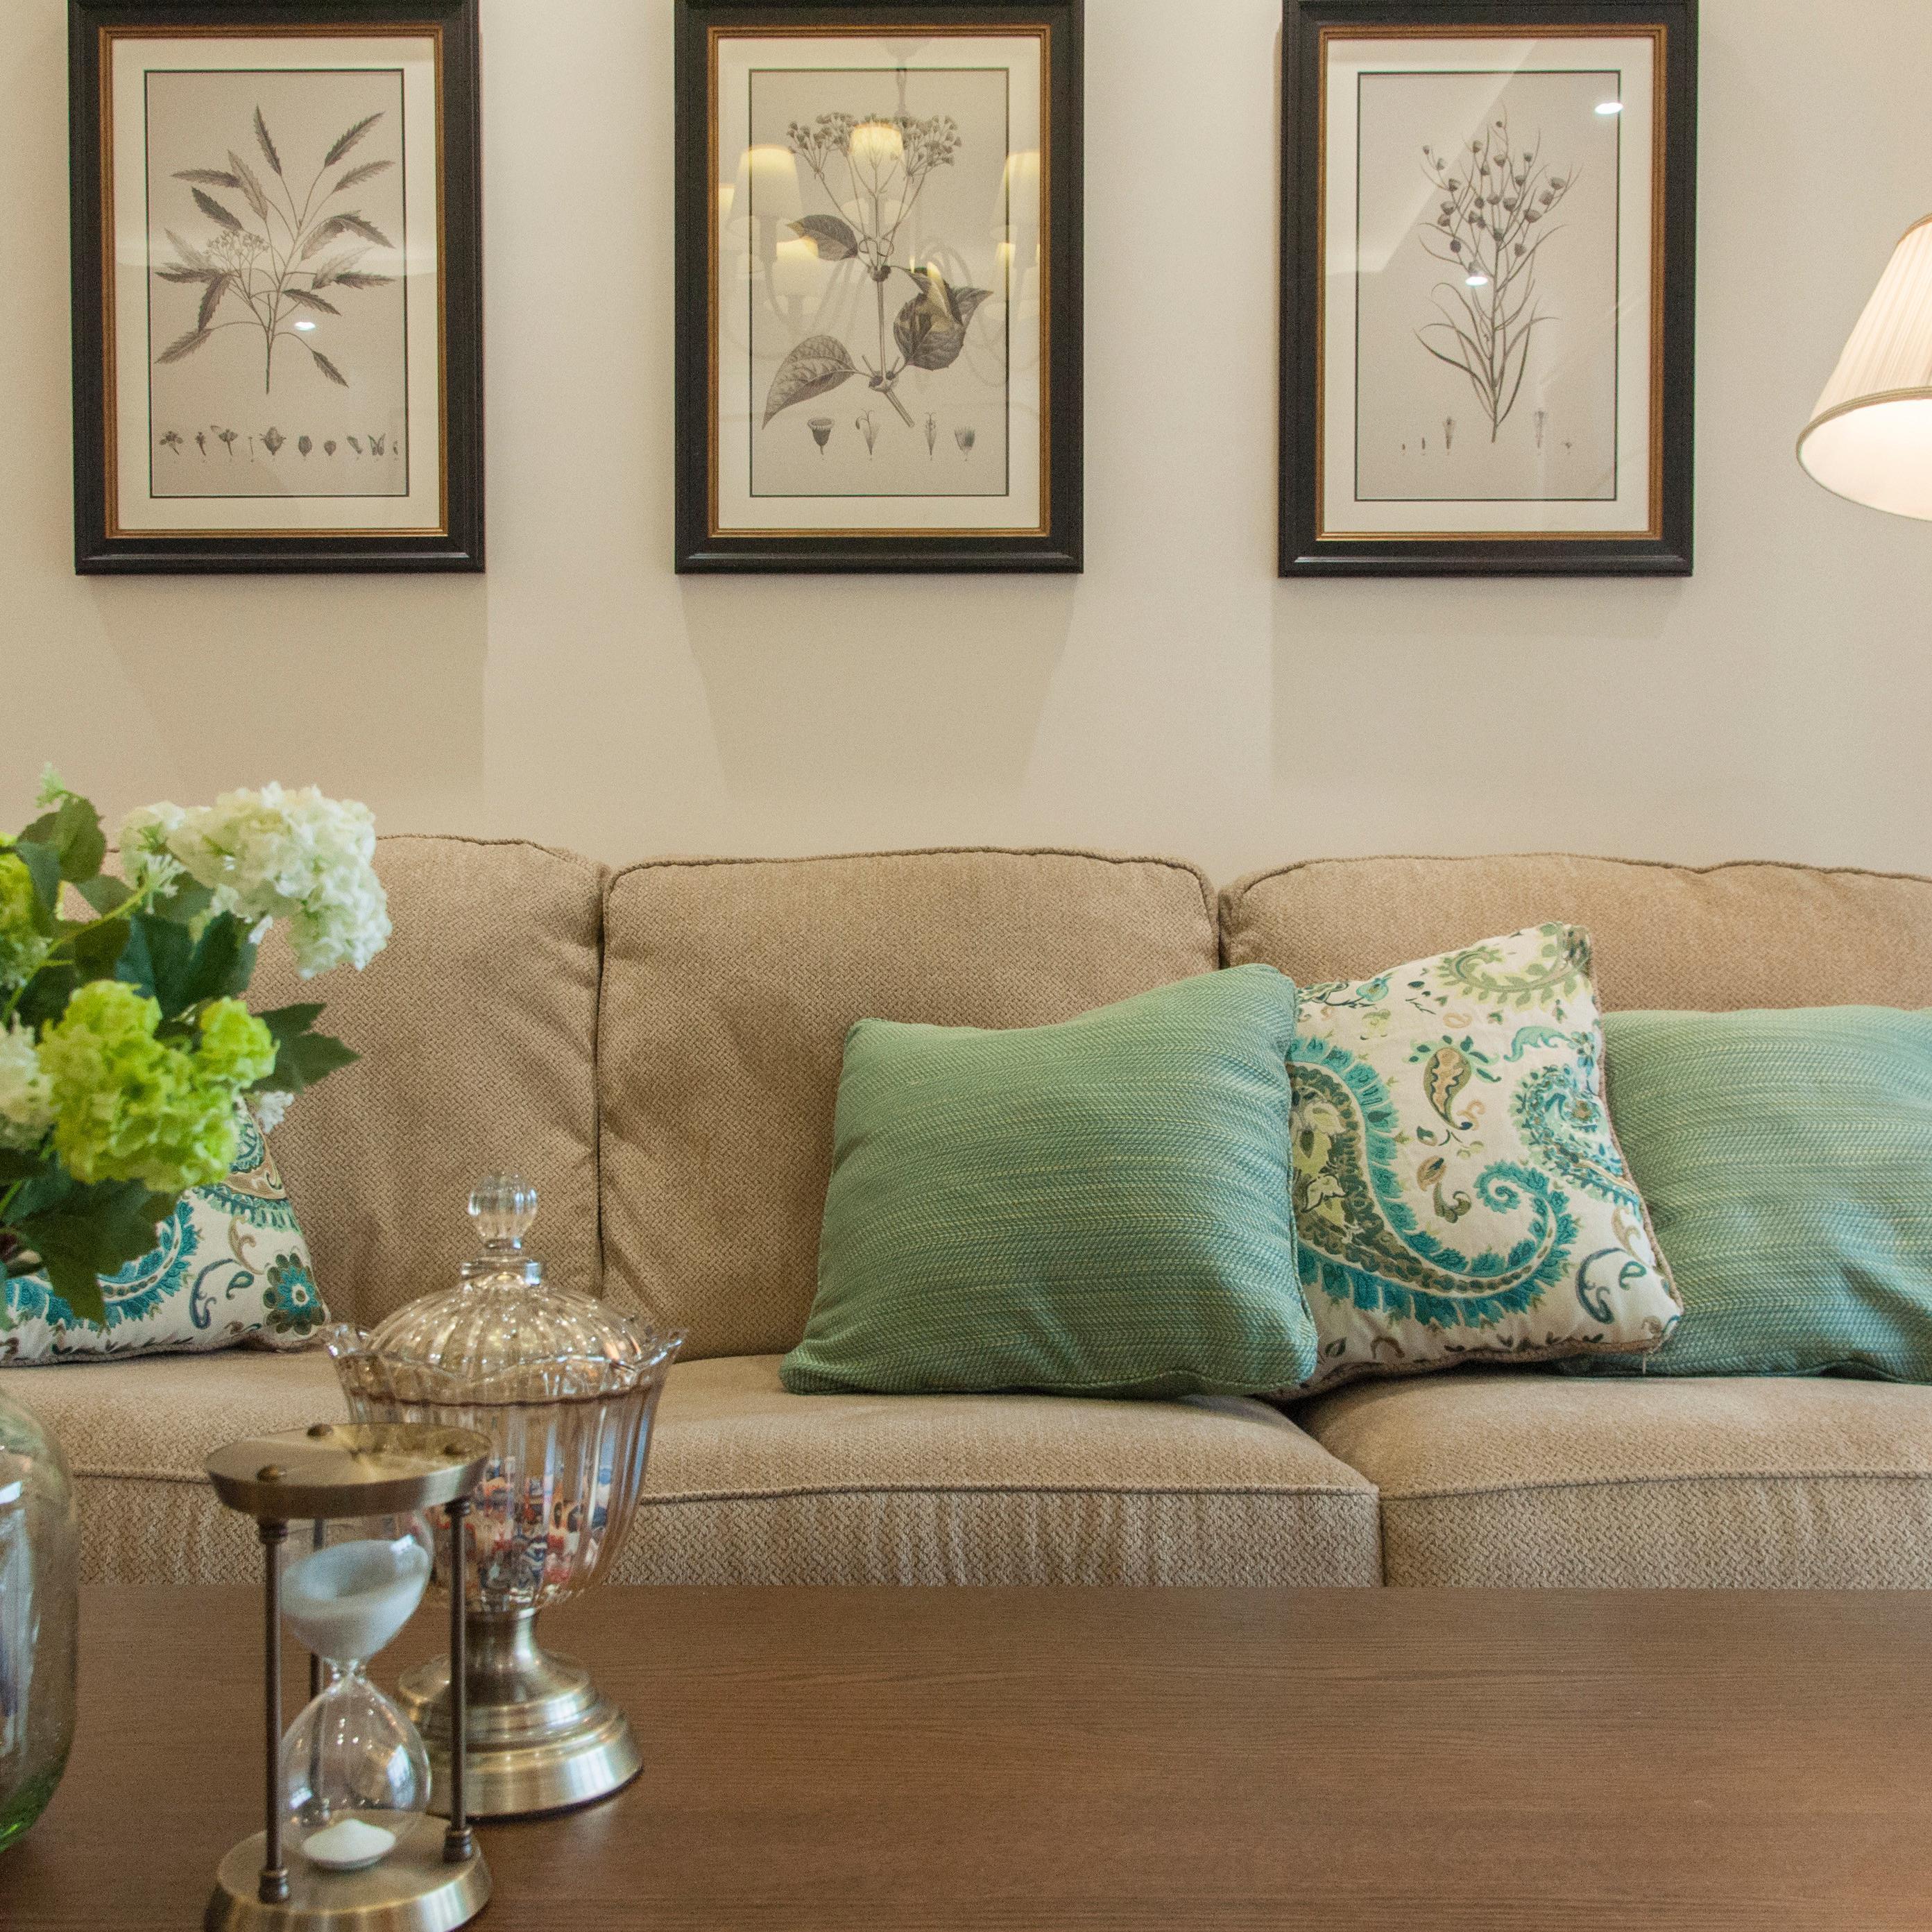 美式二居装修效果图 朴素温馨